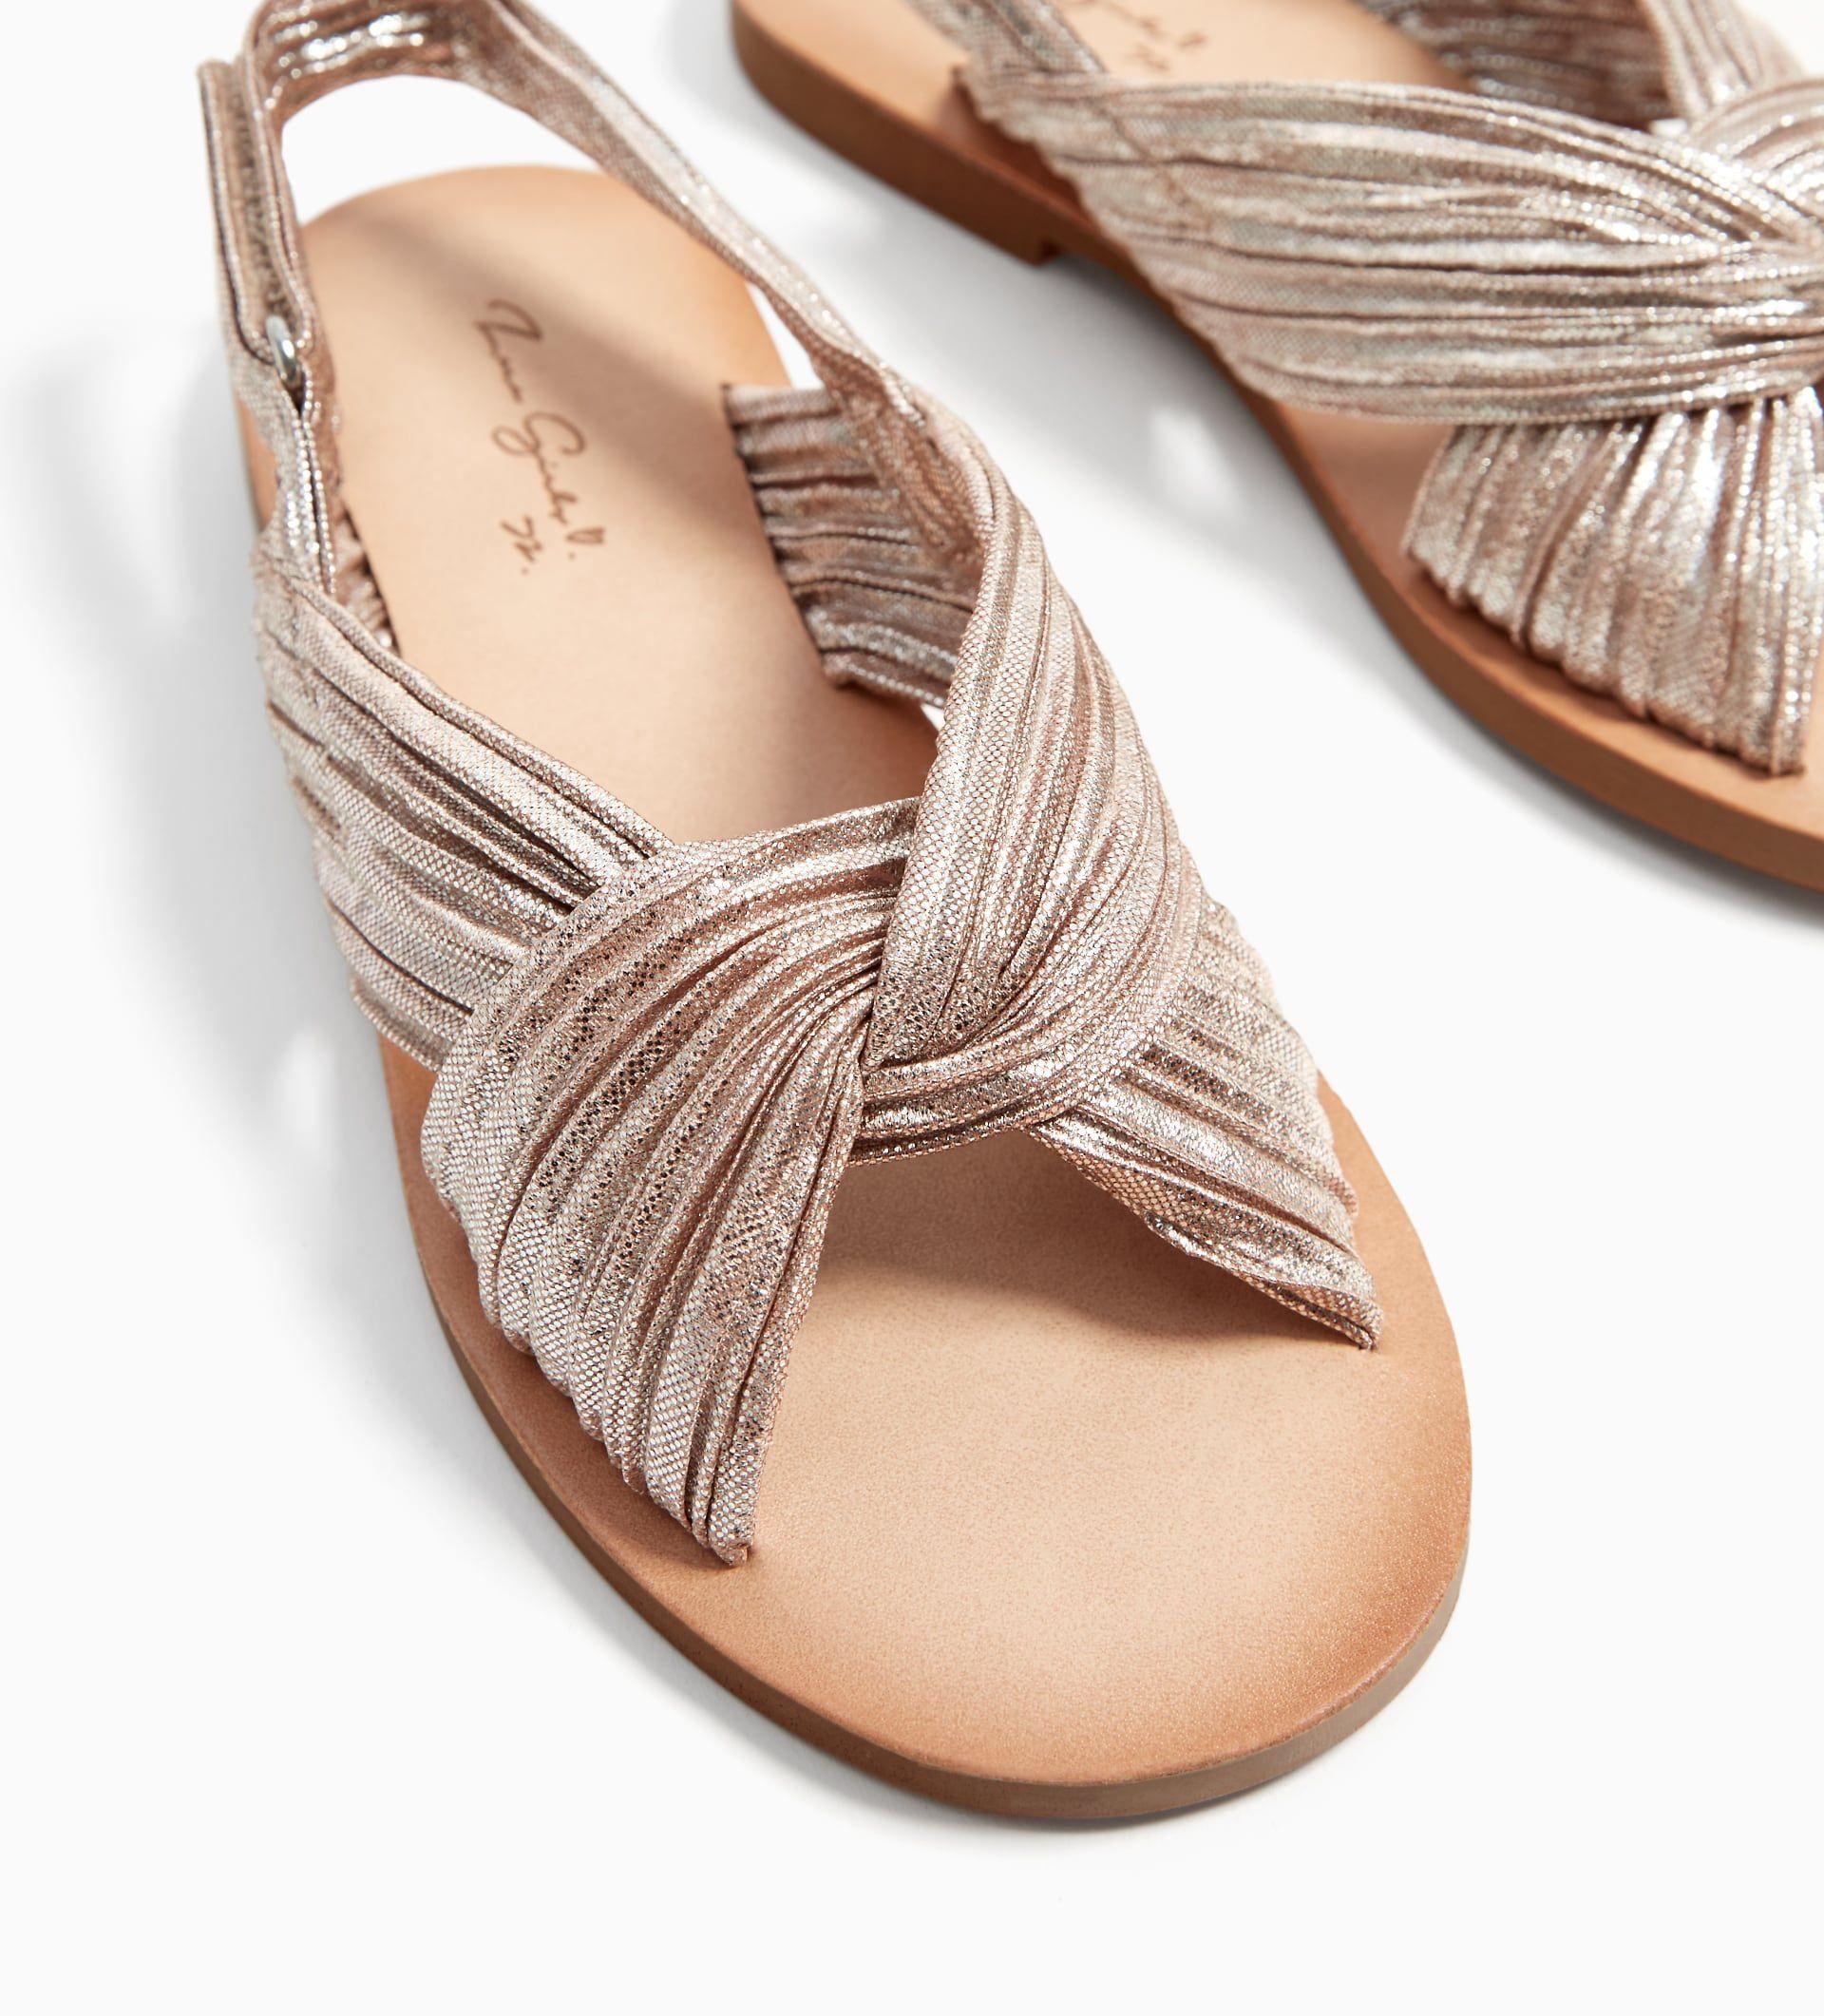 4a1df155cd3a Strieborné kožené sandále s laminovaným efektom